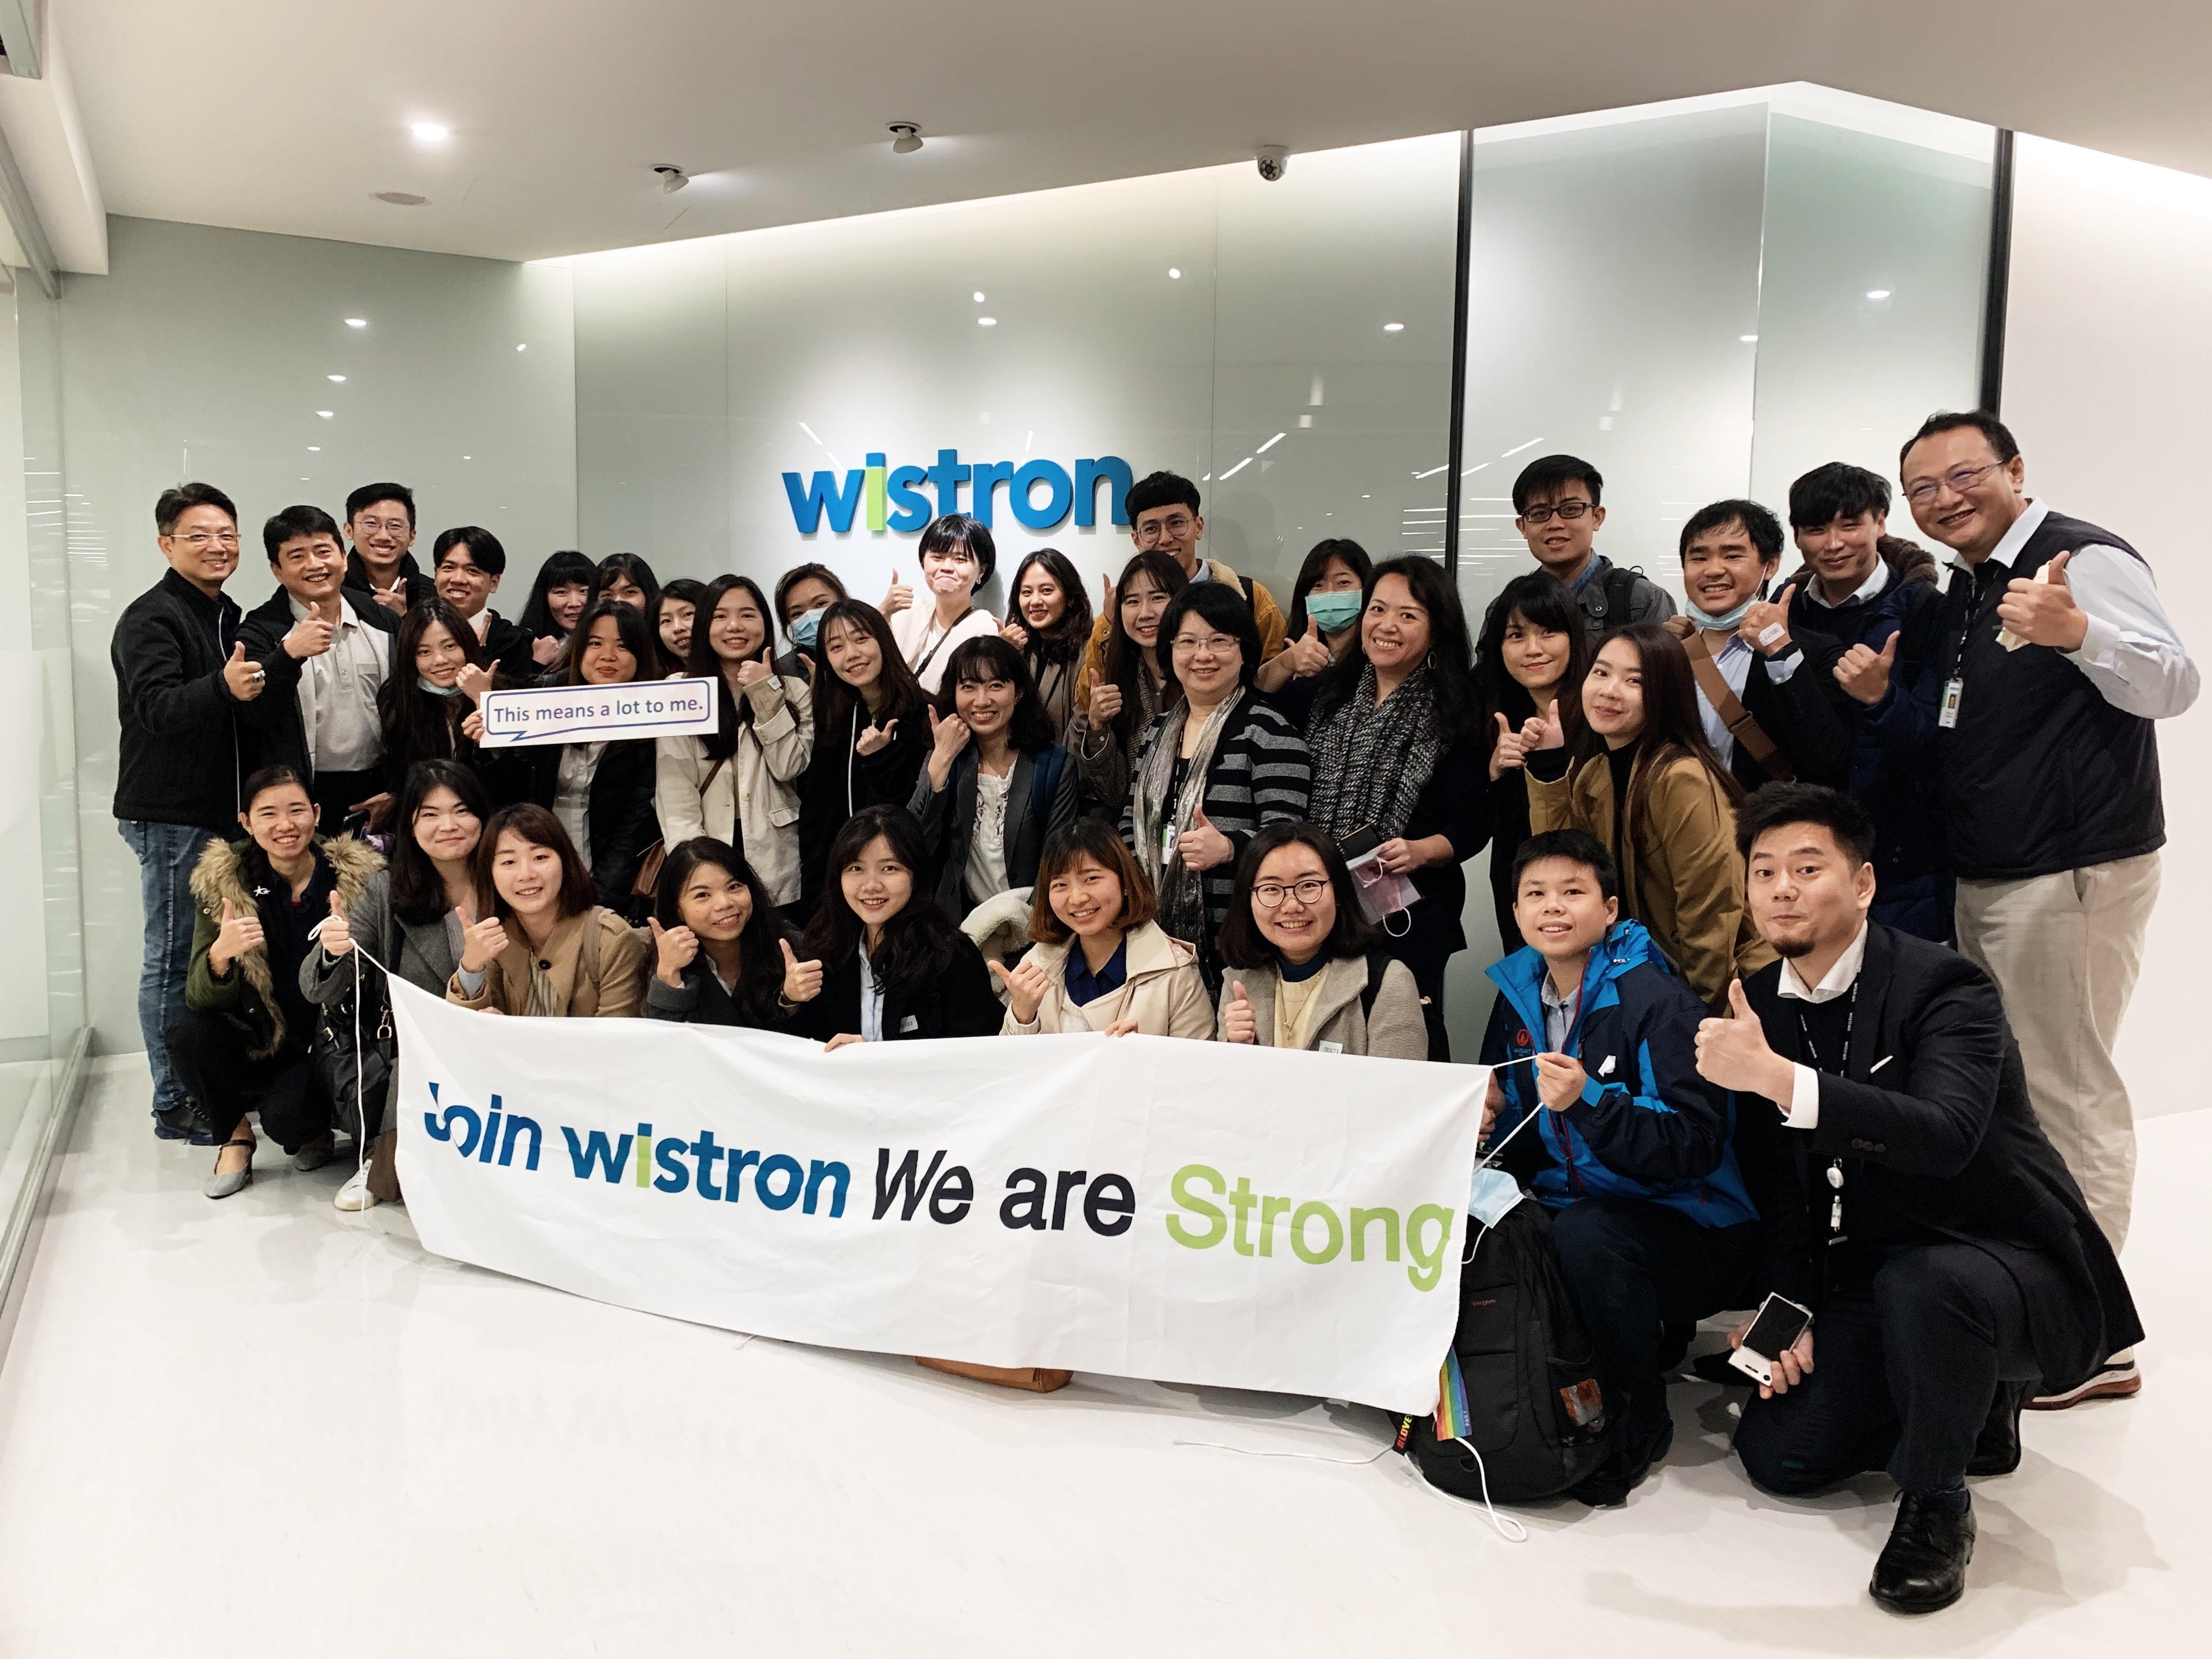 【2020年12月21日】緯創資通企業參訪花絮照片